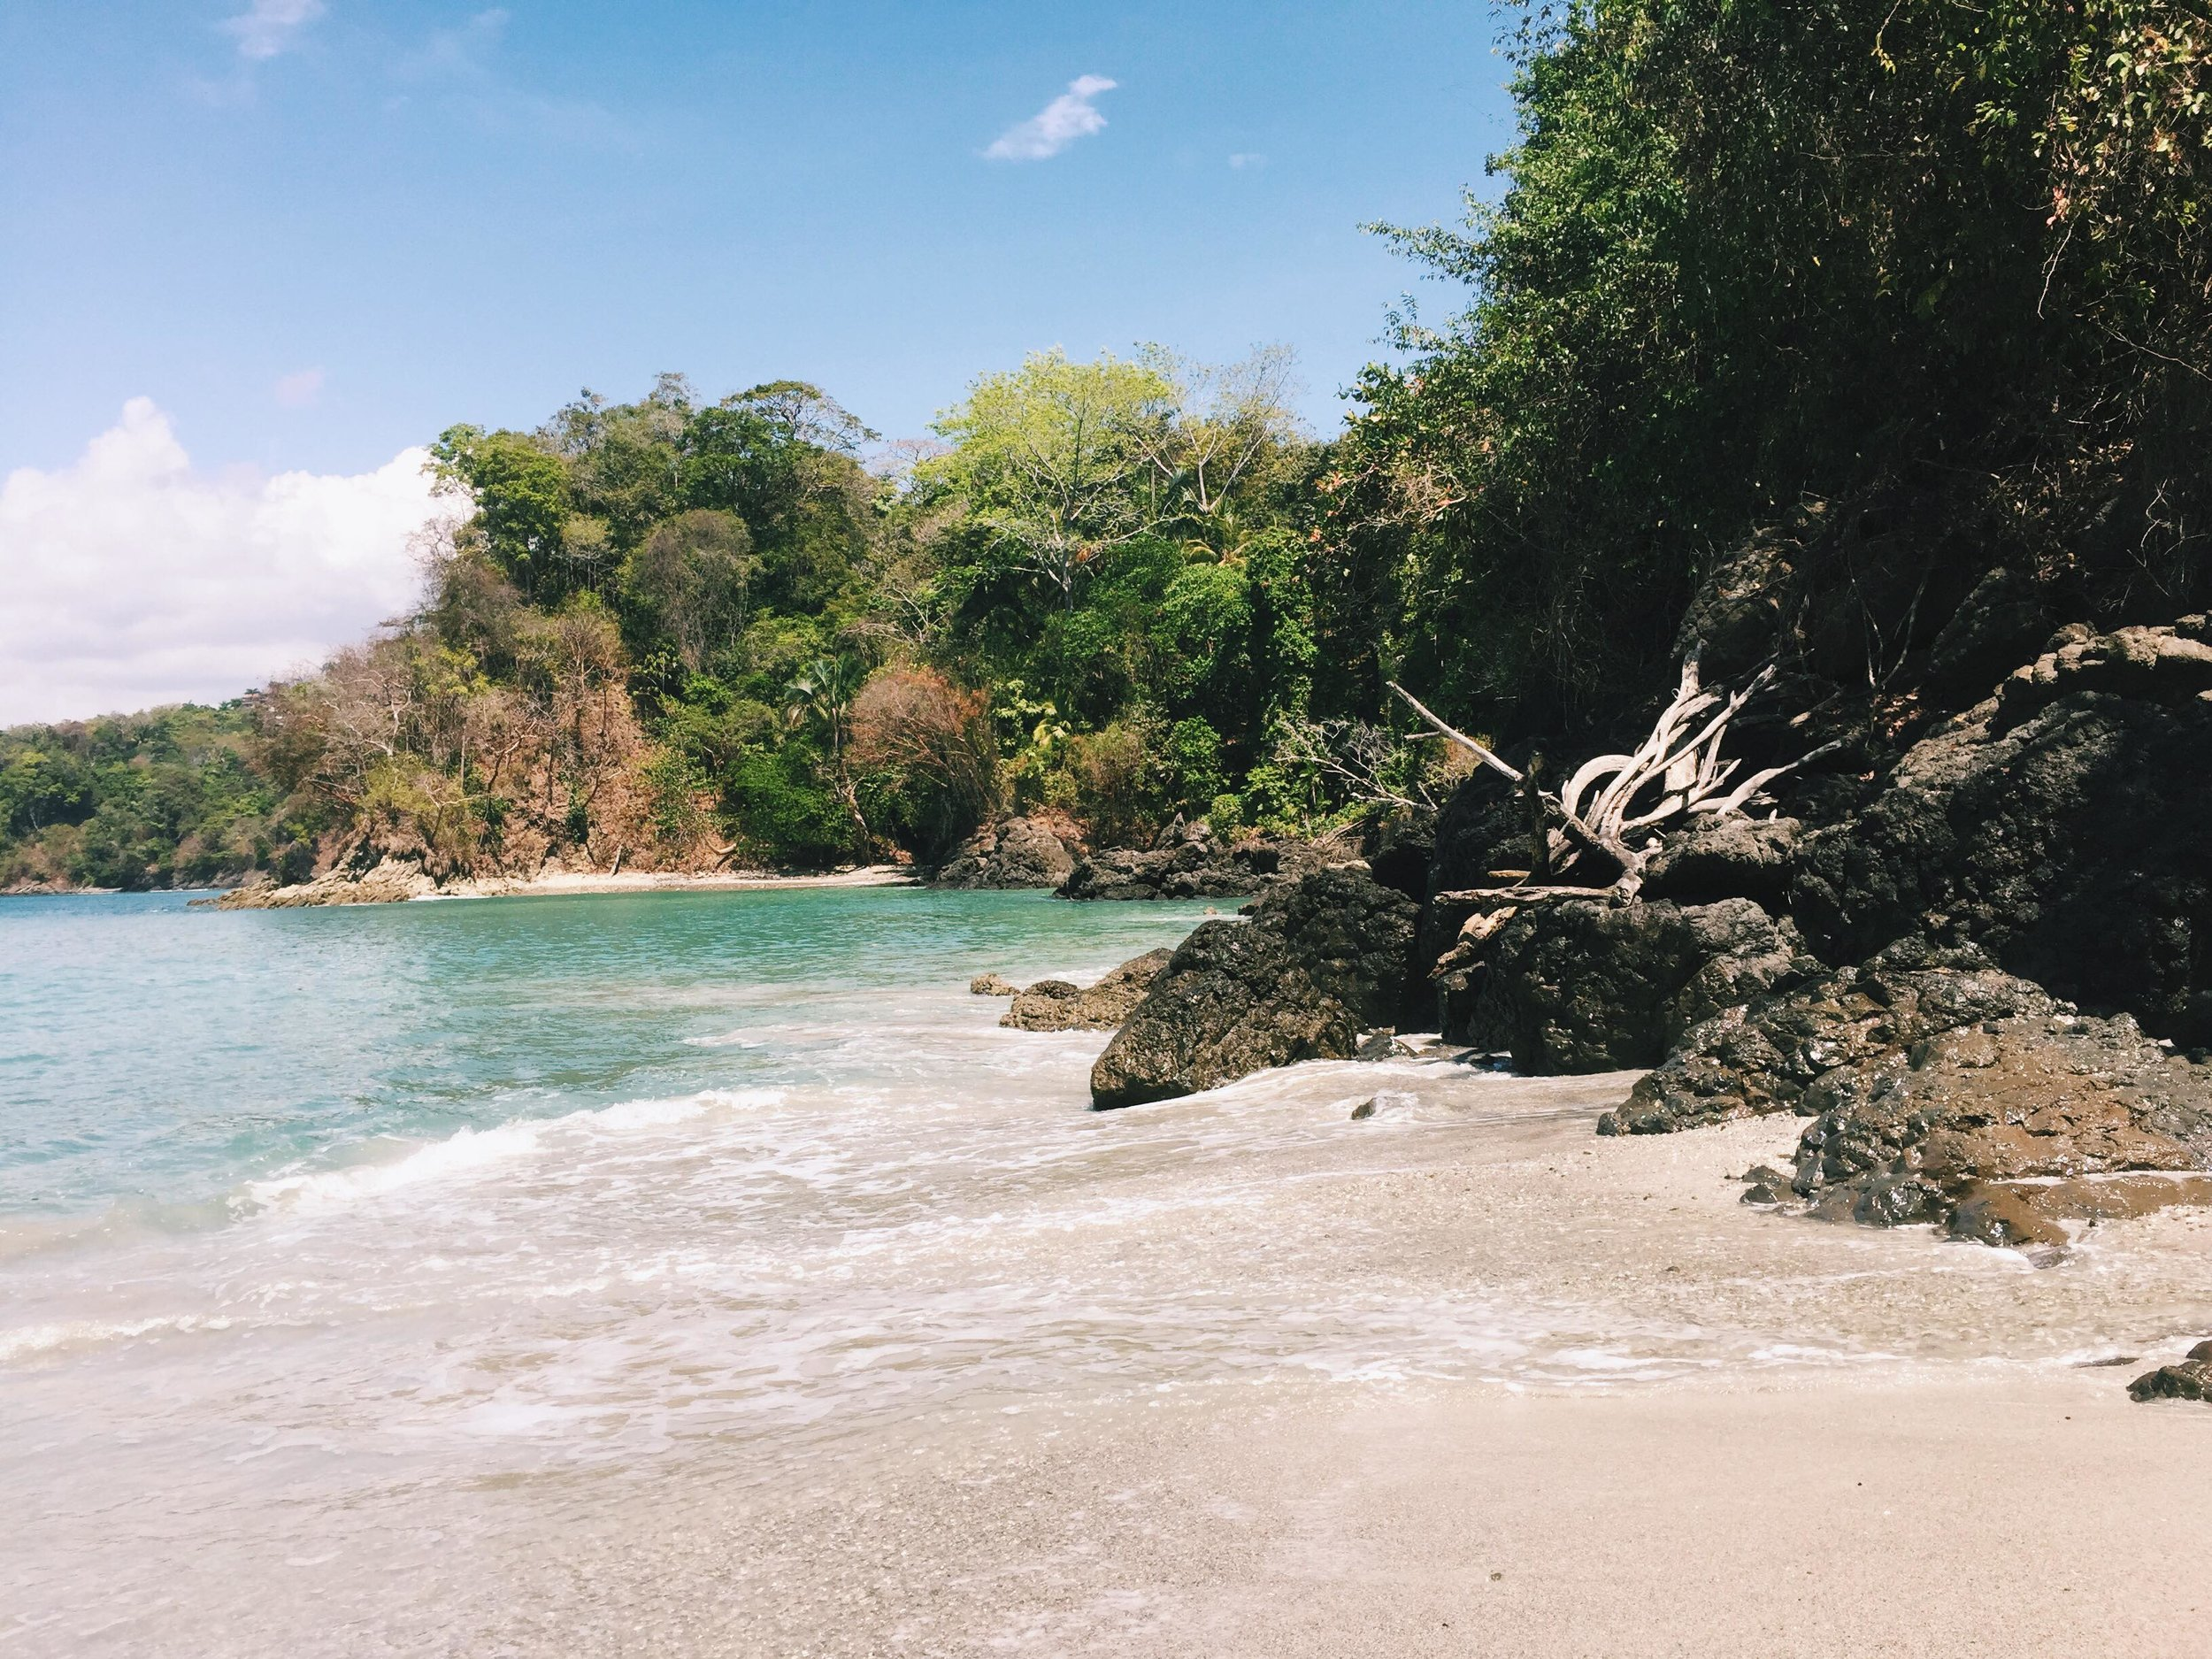 Manuel antonio - costa rica